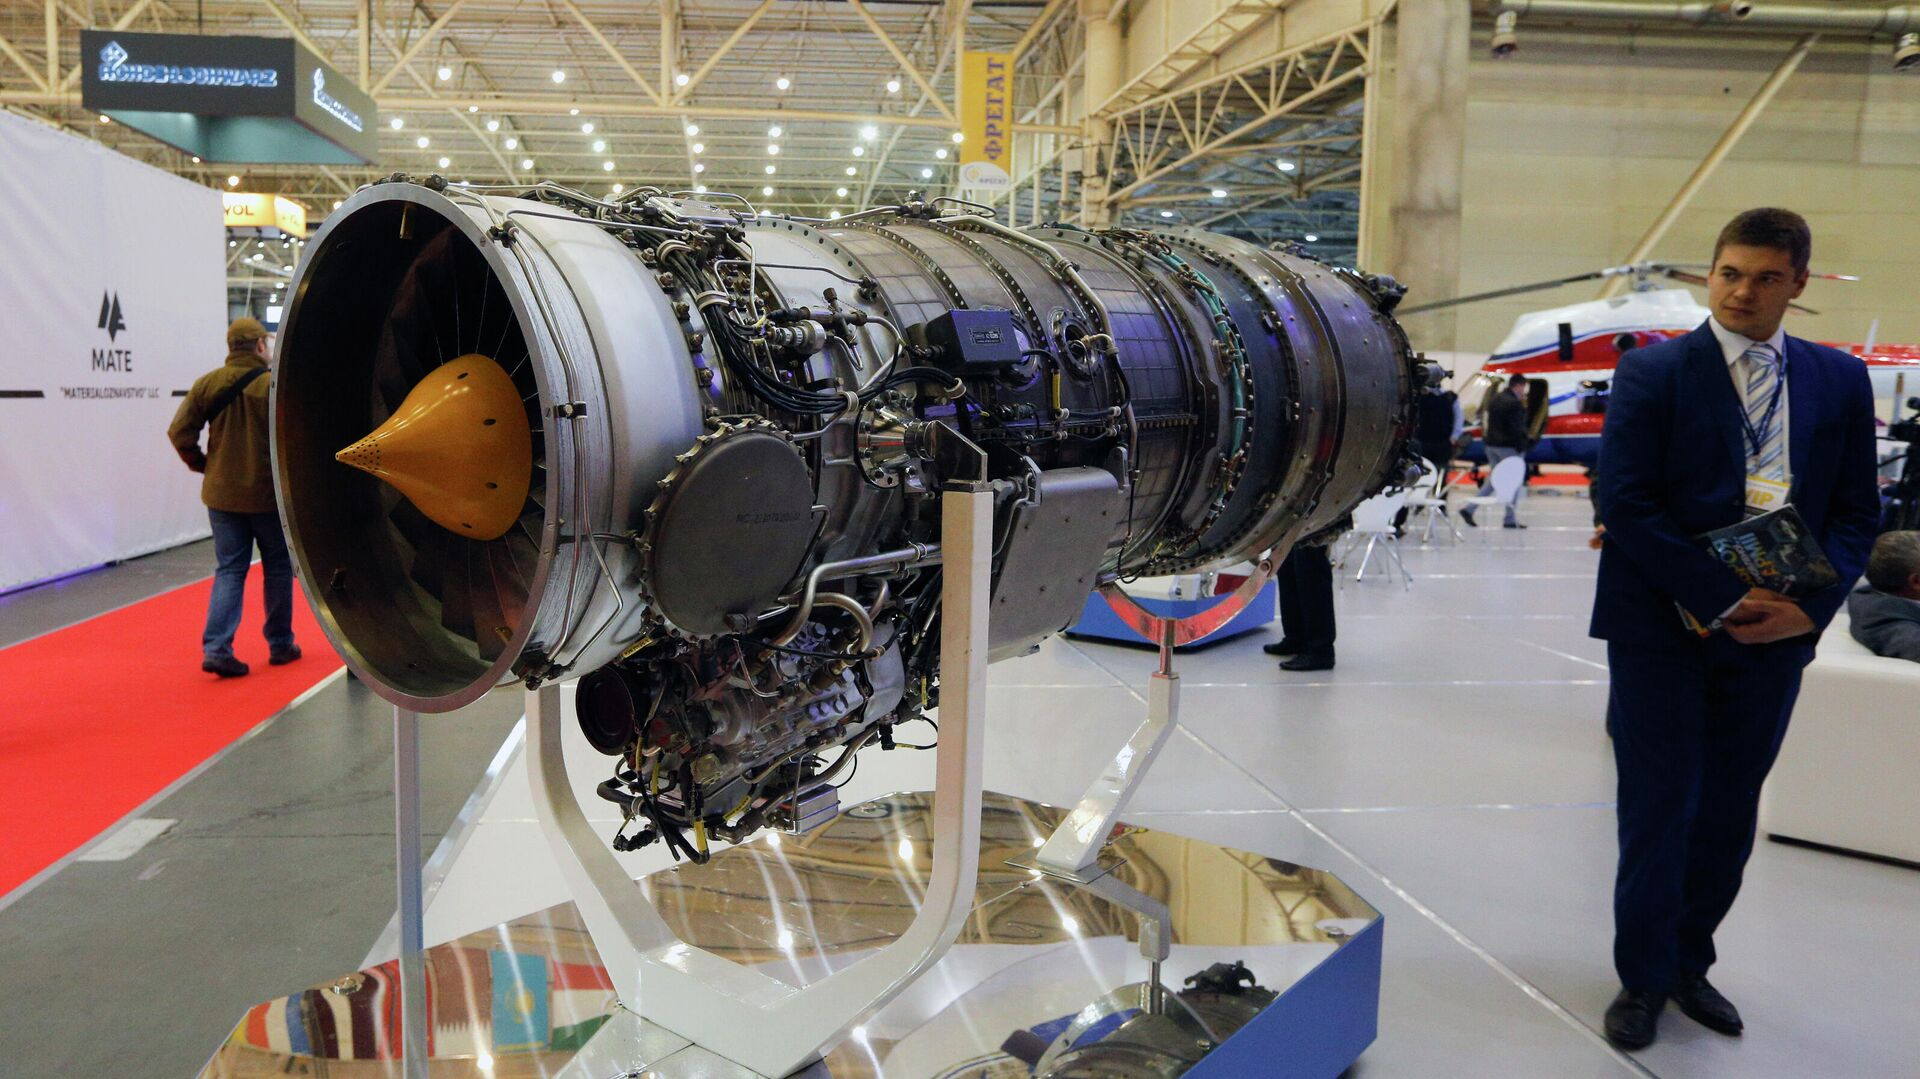 Авиационный двигатель, разработанный компанией Мотор Сич, представленный на выставке в Киеве, Украина - РИА Новости, 1920, 09.04.2021